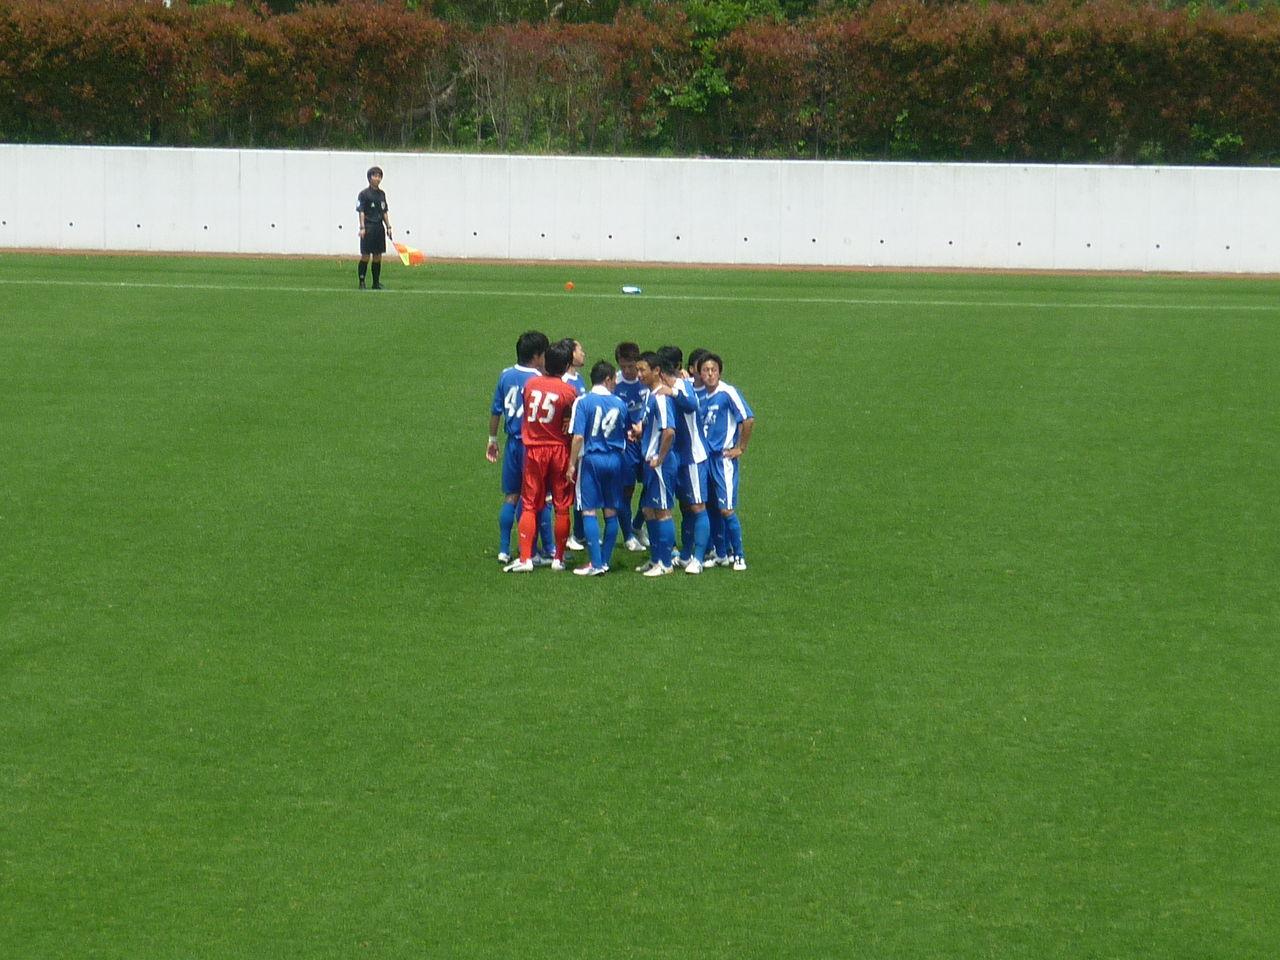 2011/6/4 関東サッカーリーグ1部 2011/6/4 関東サッカー